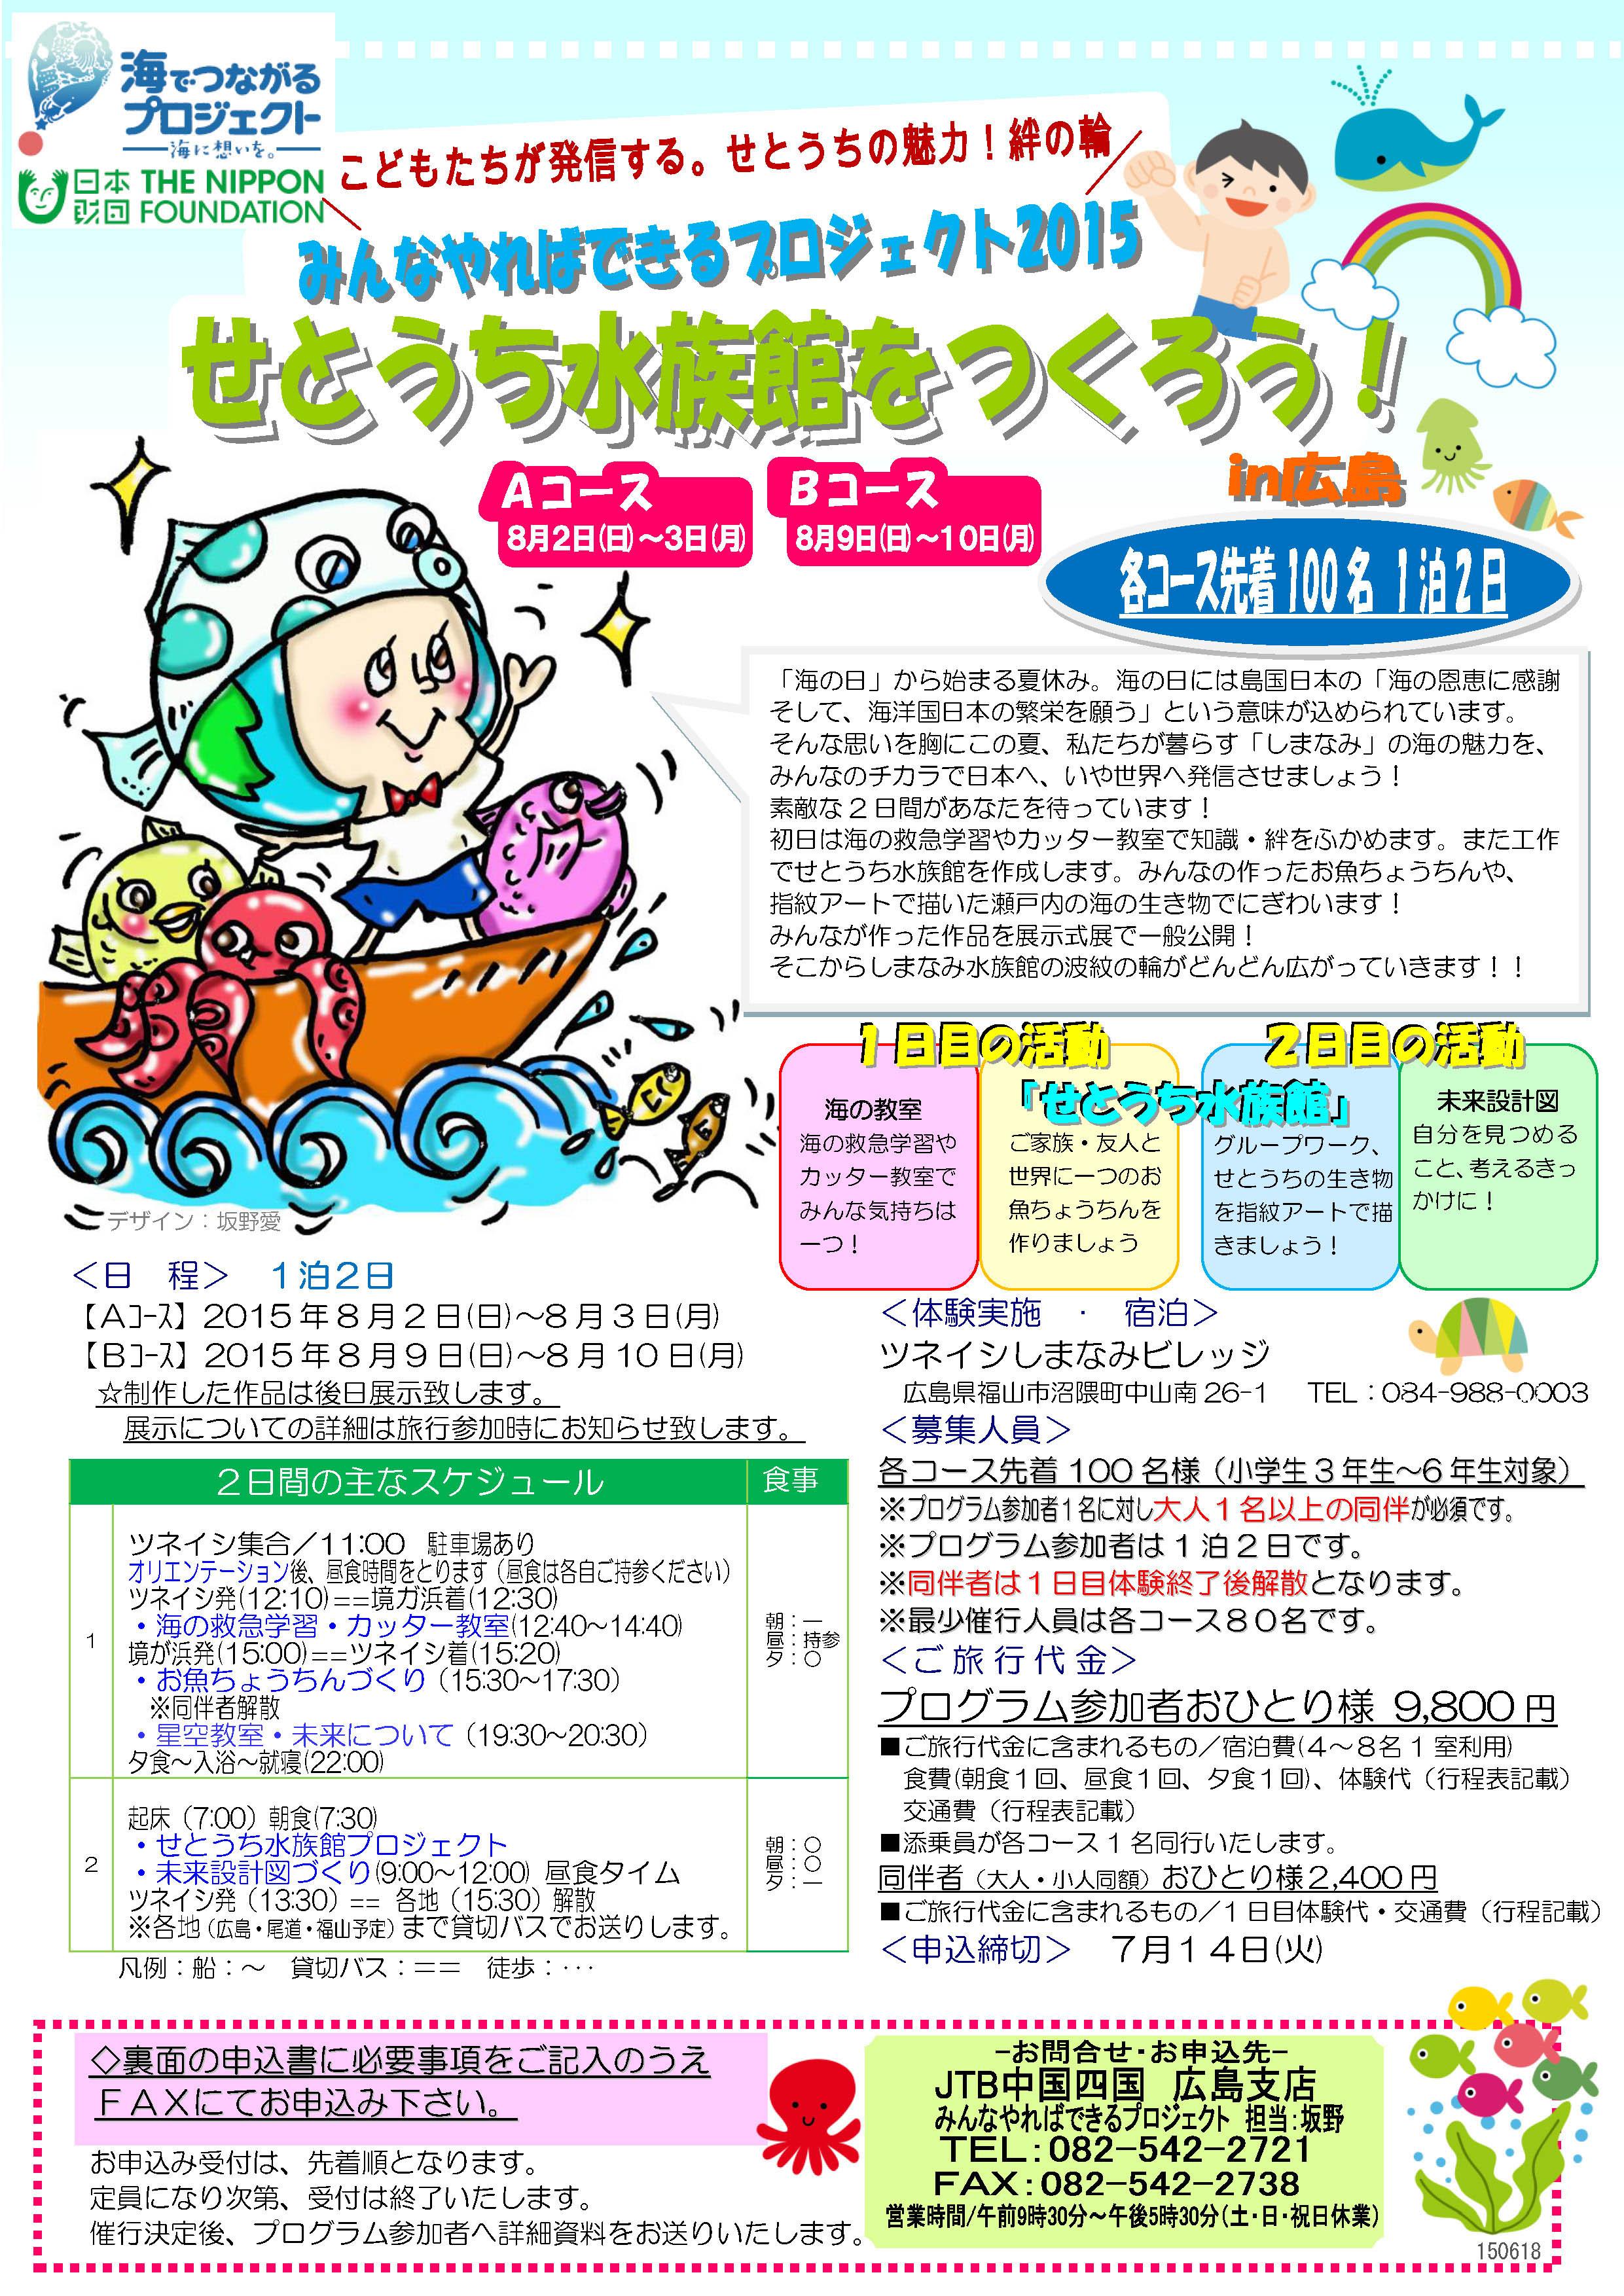 みんなでやればできるプロジェクト2015「せとうち水族館をつくろう!in広島」